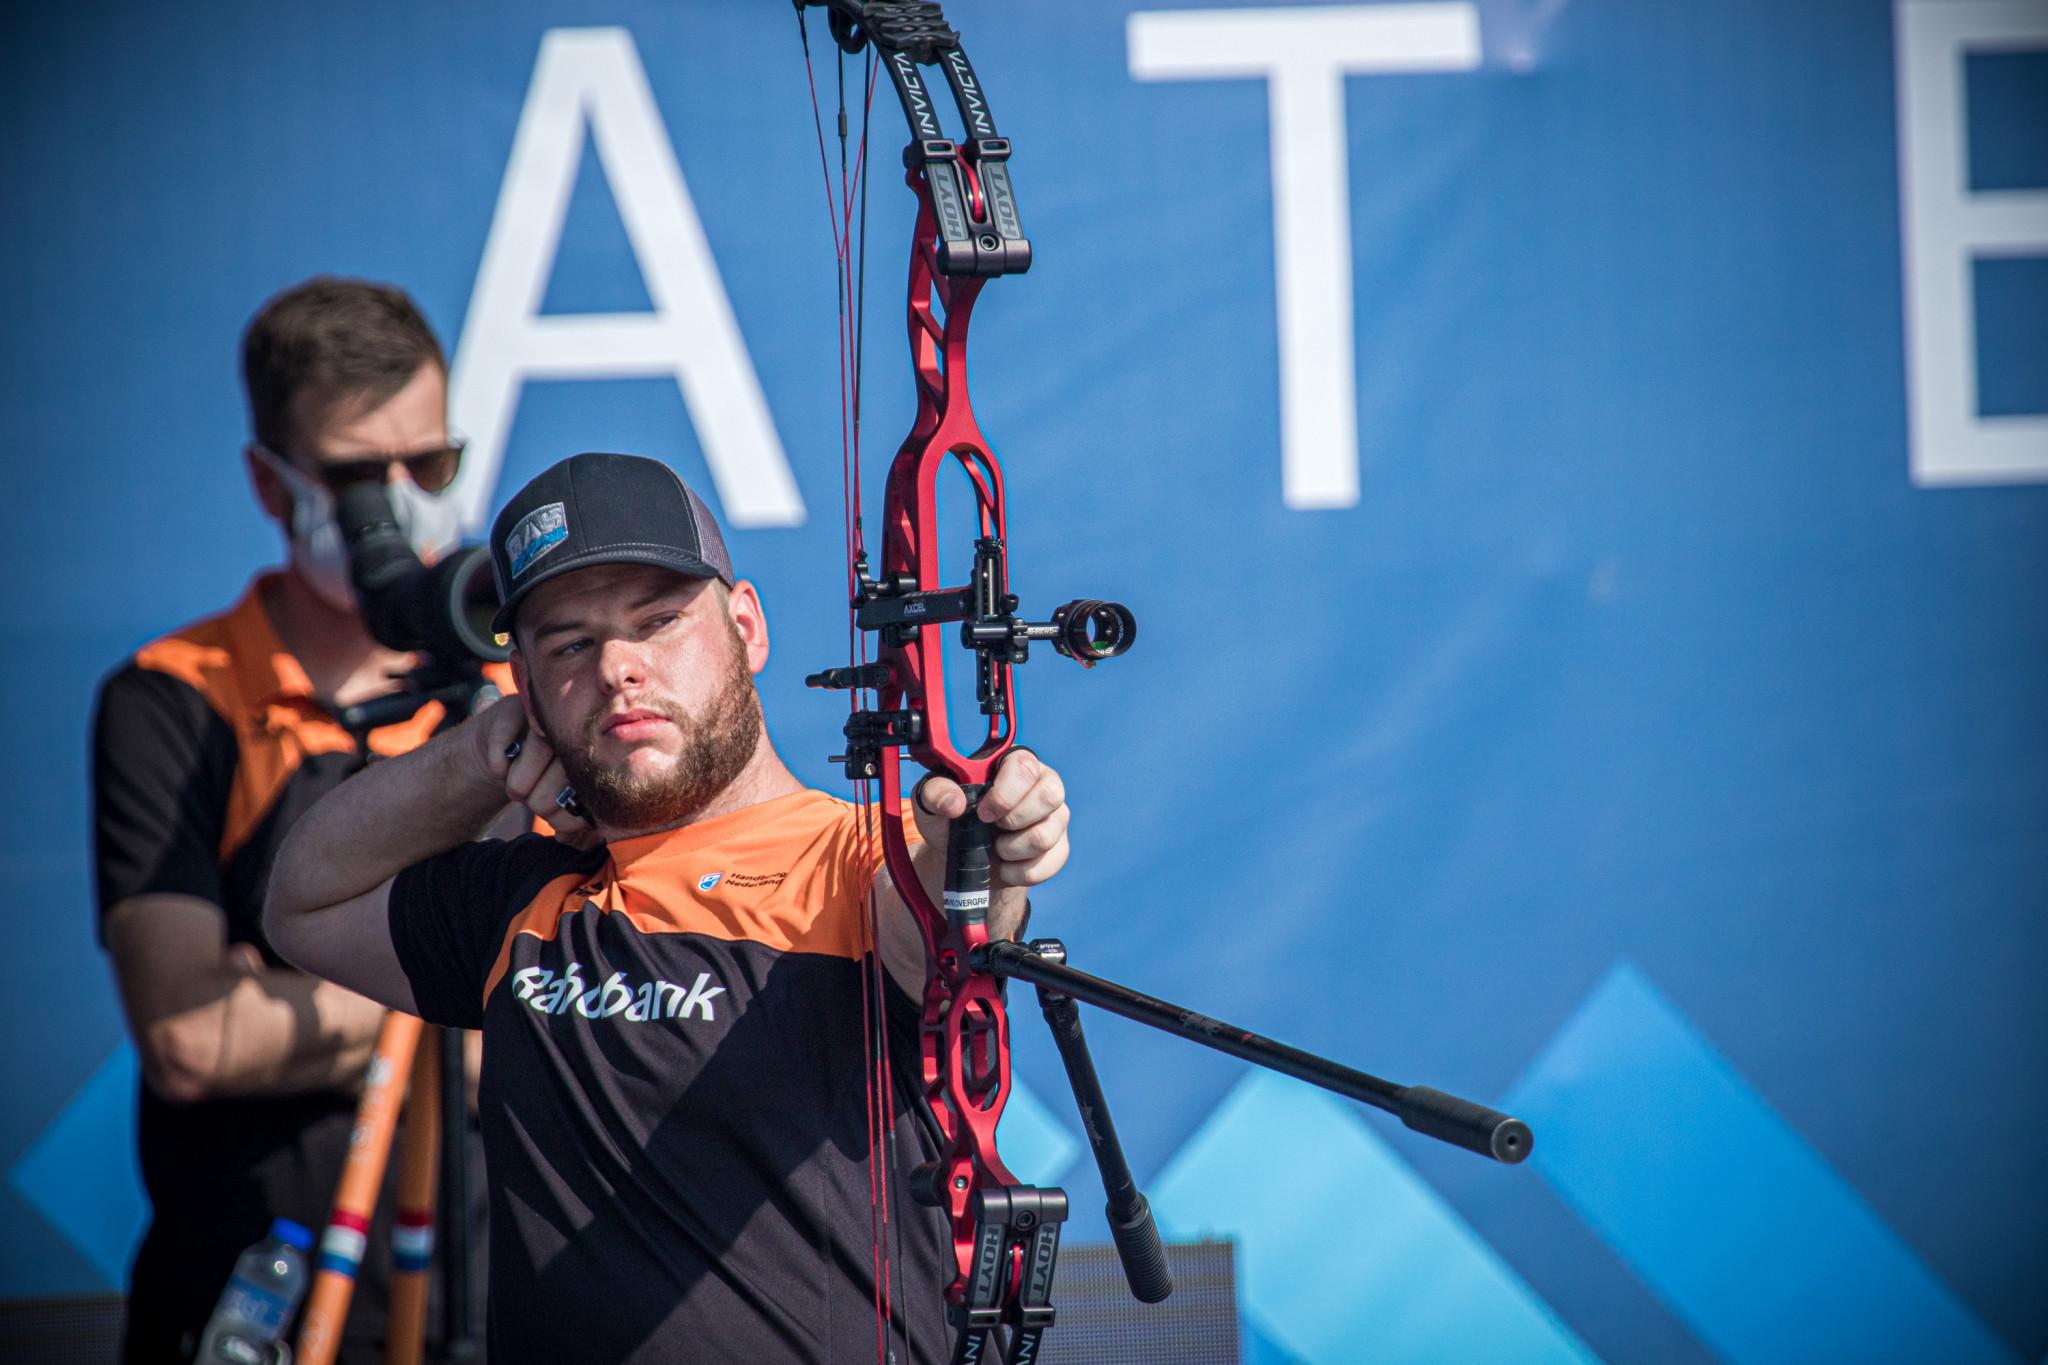 Schloesser and Gellenthien win compound titles at Archery World Cup in Lausanne